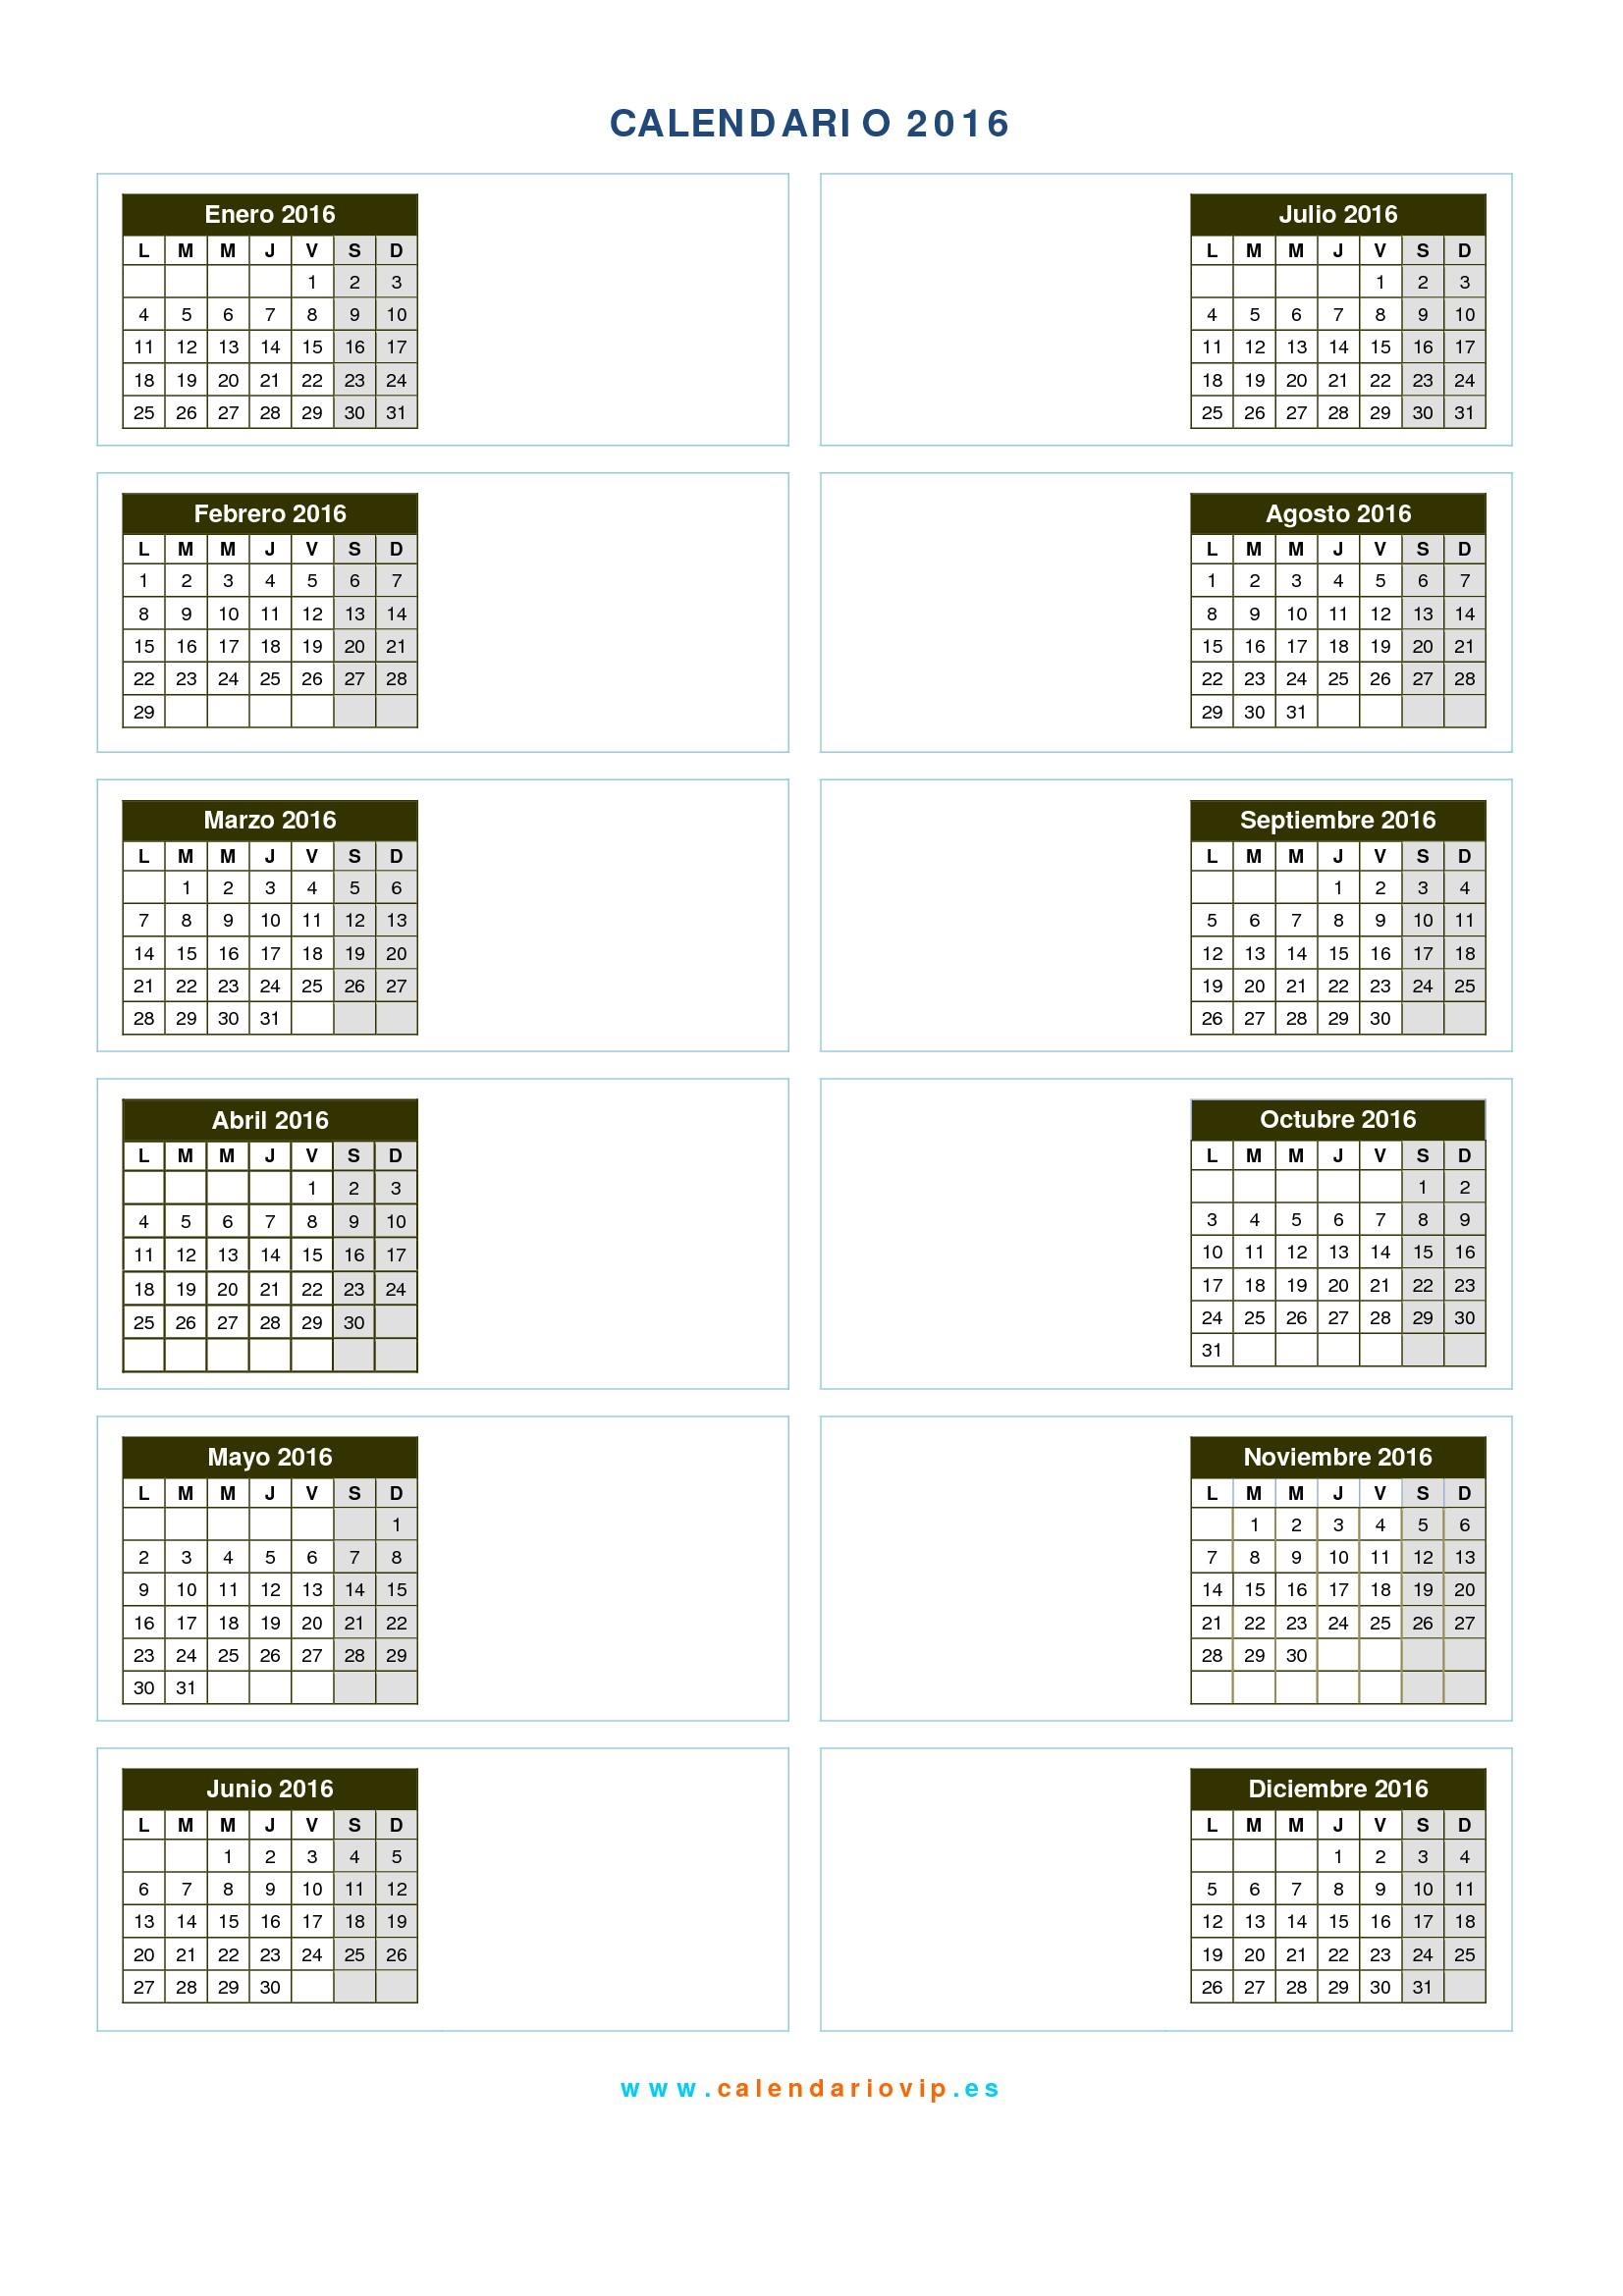 calendario anuales 2016 04 calendario anuales 2016 05